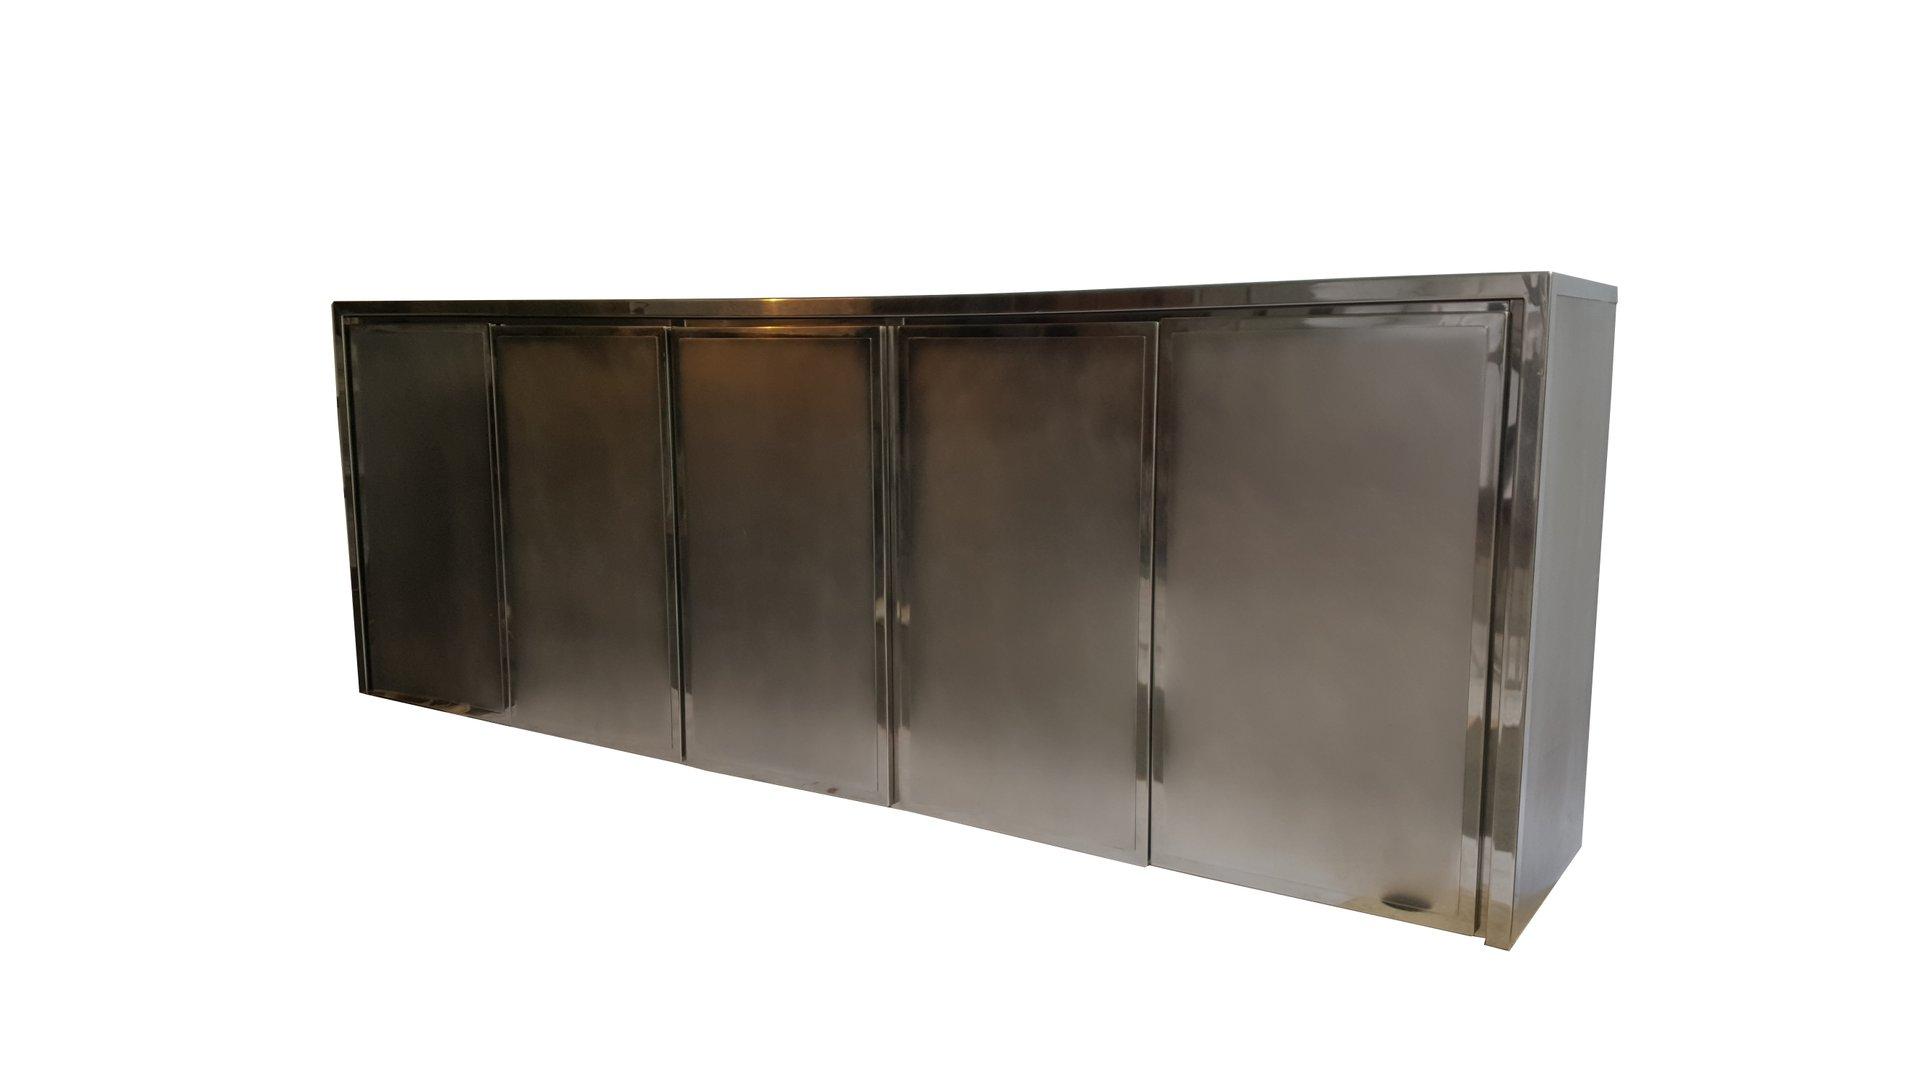 Credenza Con Vidrio : Credenza de cromo y acero cepillado belgochrom 1985 en venta